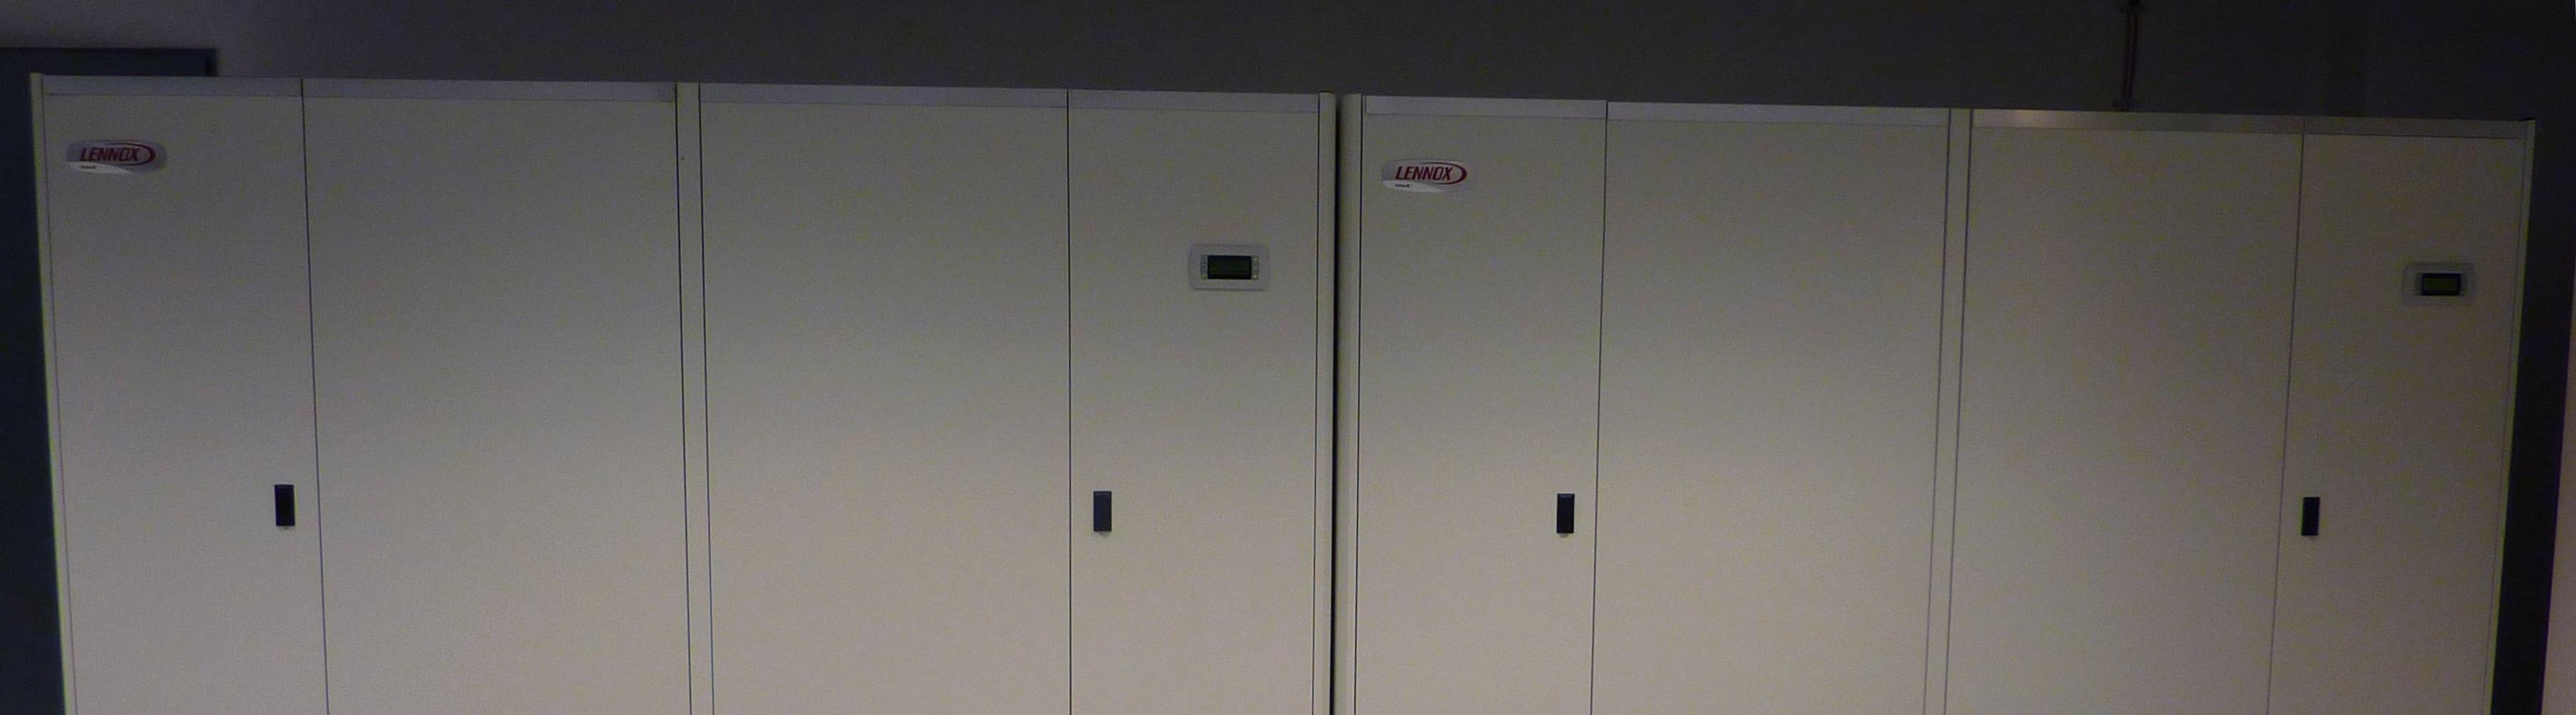 szafy klimatyzacyjne – zimne powietrze wtlaczane jest pod podloge techniczna